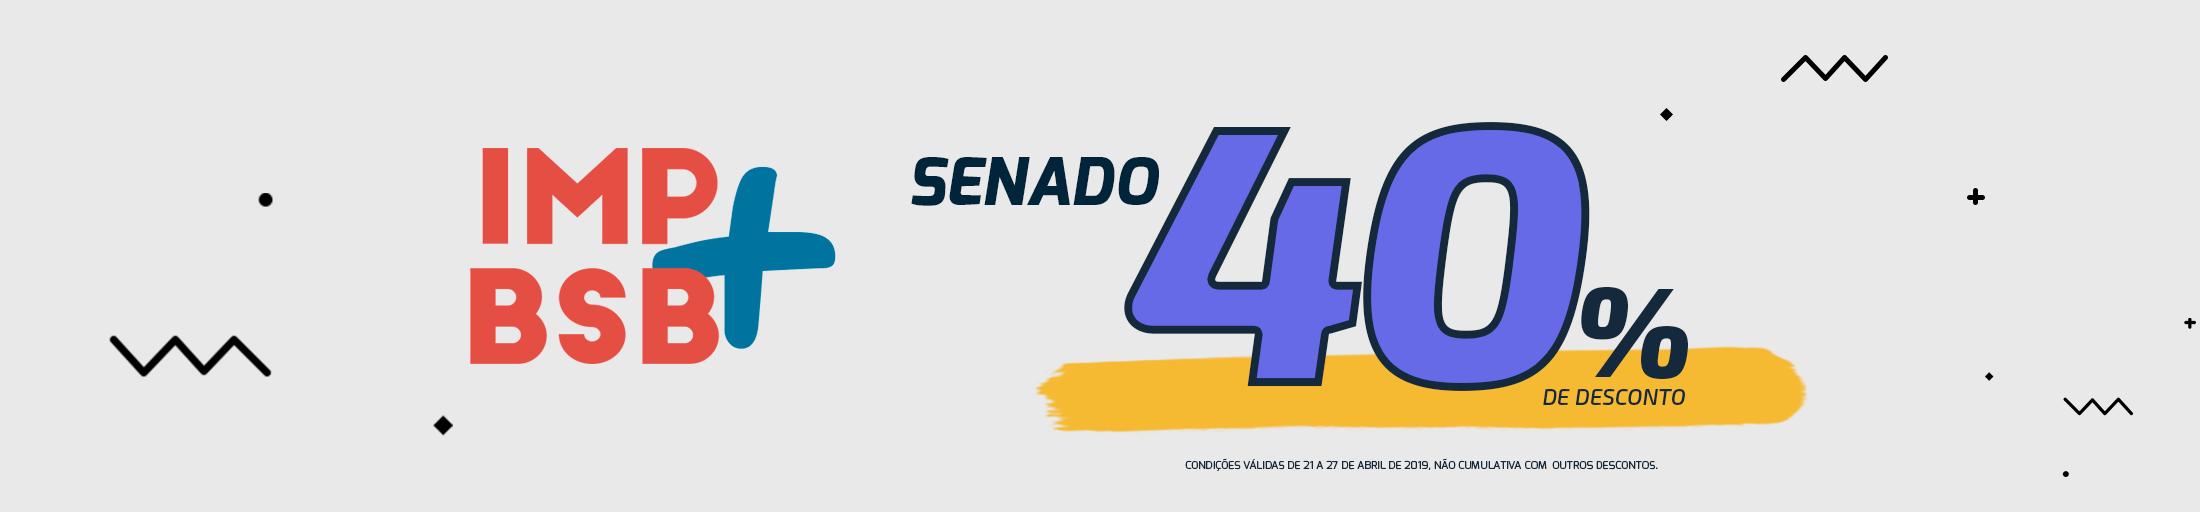 BANNER-SITE-SENADO